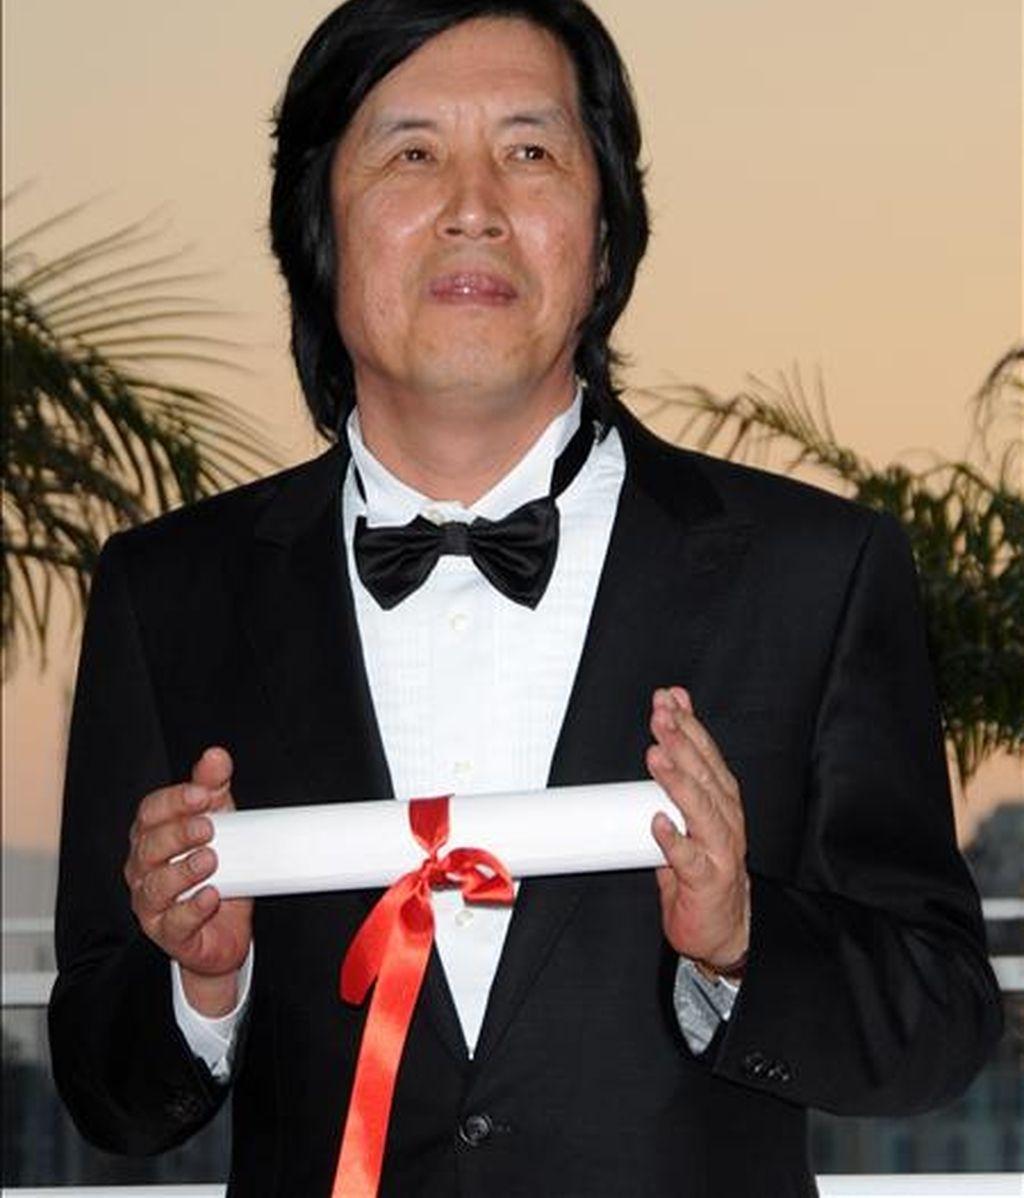 """El director surcoreano de cine Lee Chang-dong posa el 23 de mayo de 2010, tras ganar el premio al Mejor Guión de la edición 63 Festival de Cannes por la película """"Poetry"""", en Cannes (Francia). EFE/Archivo"""